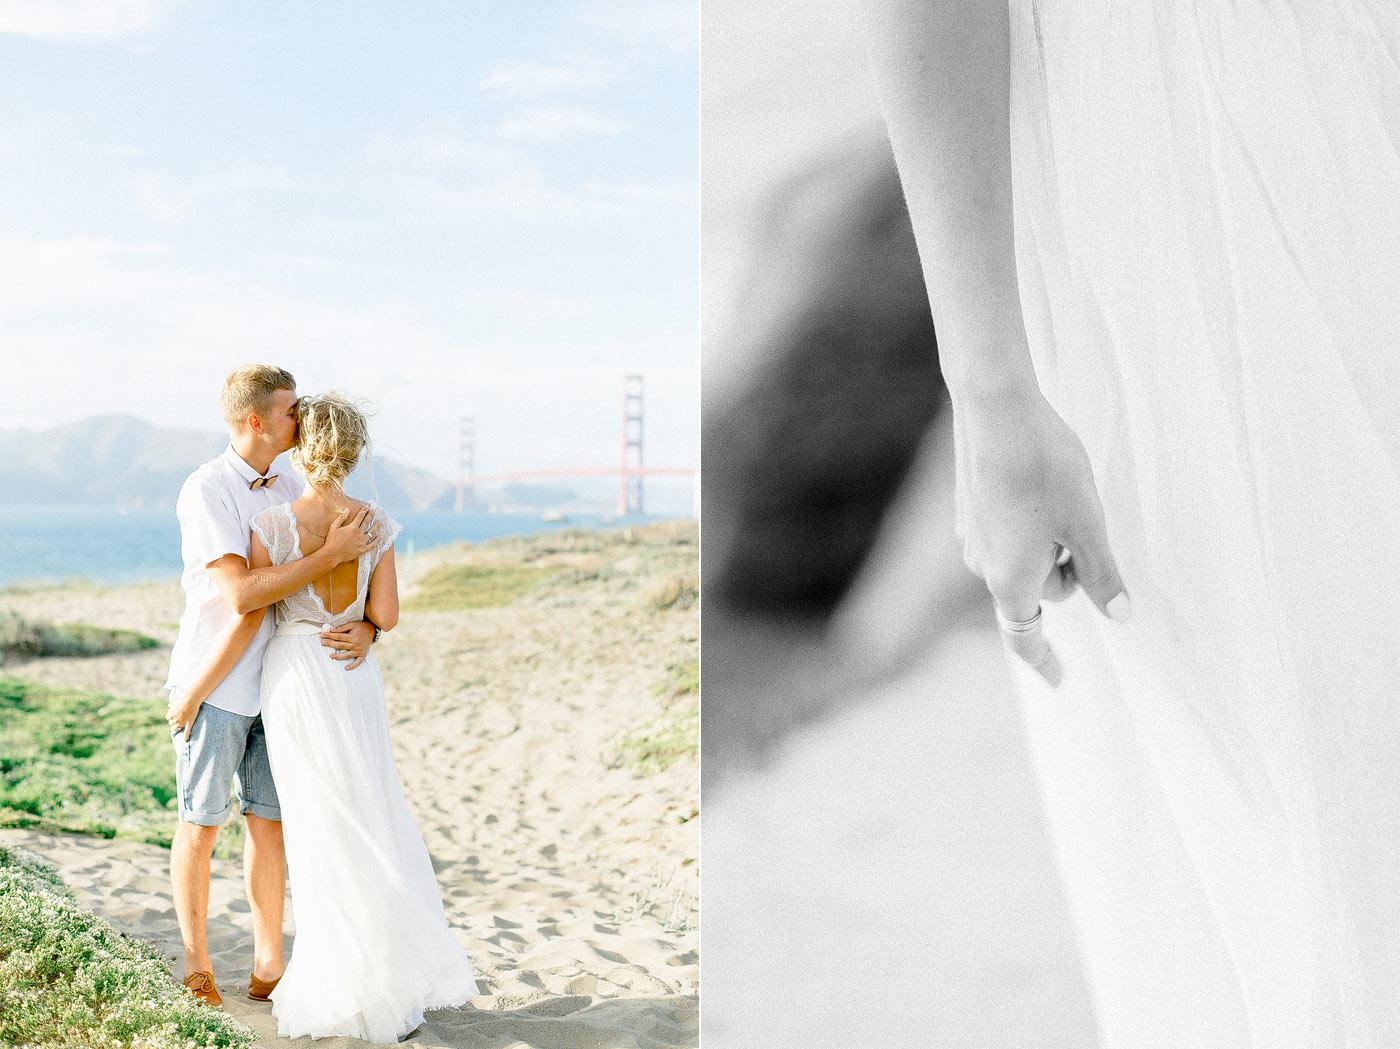 Baker Beach Engagement Photographer